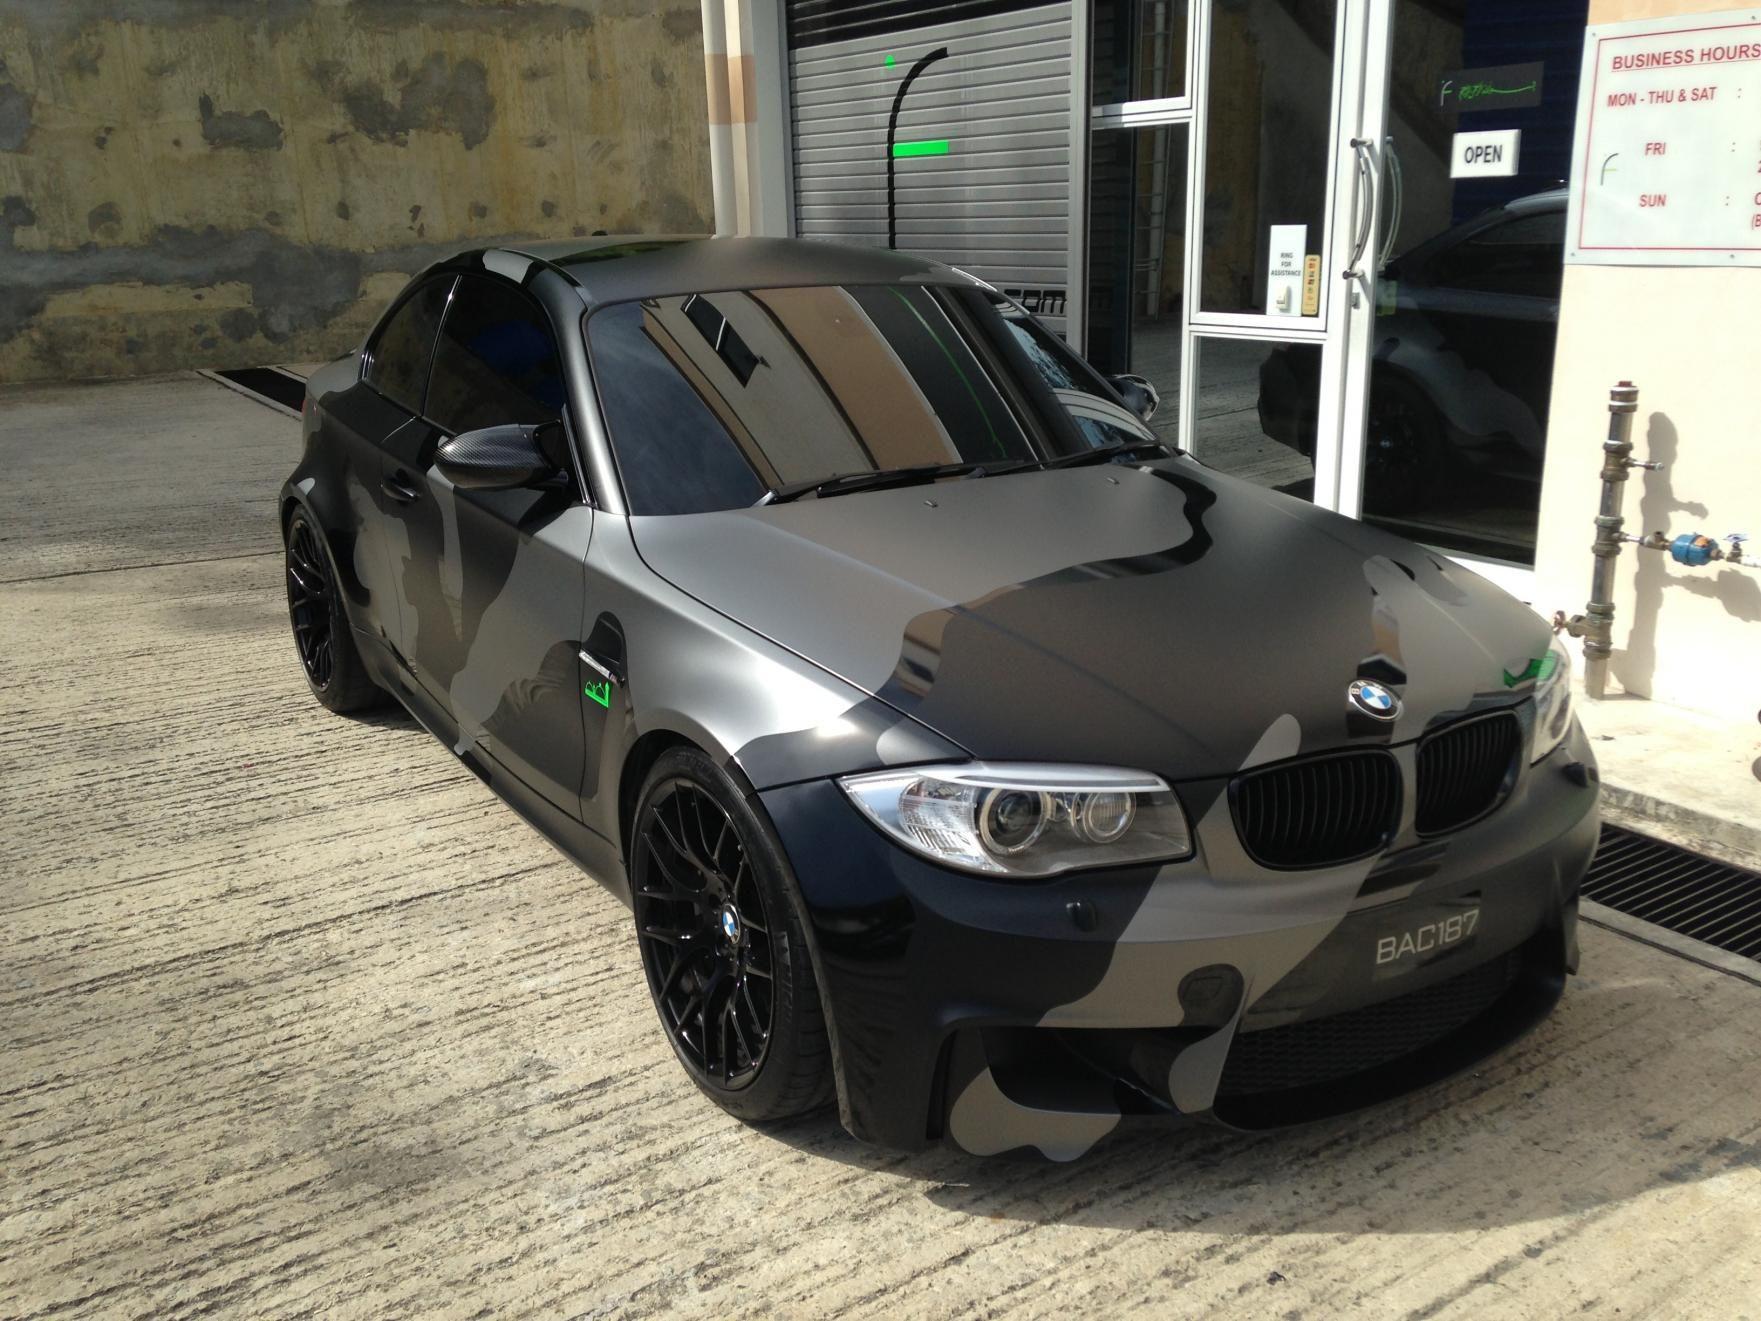 Camou Dark Grey Camo Car Bmw Bmw Coupe